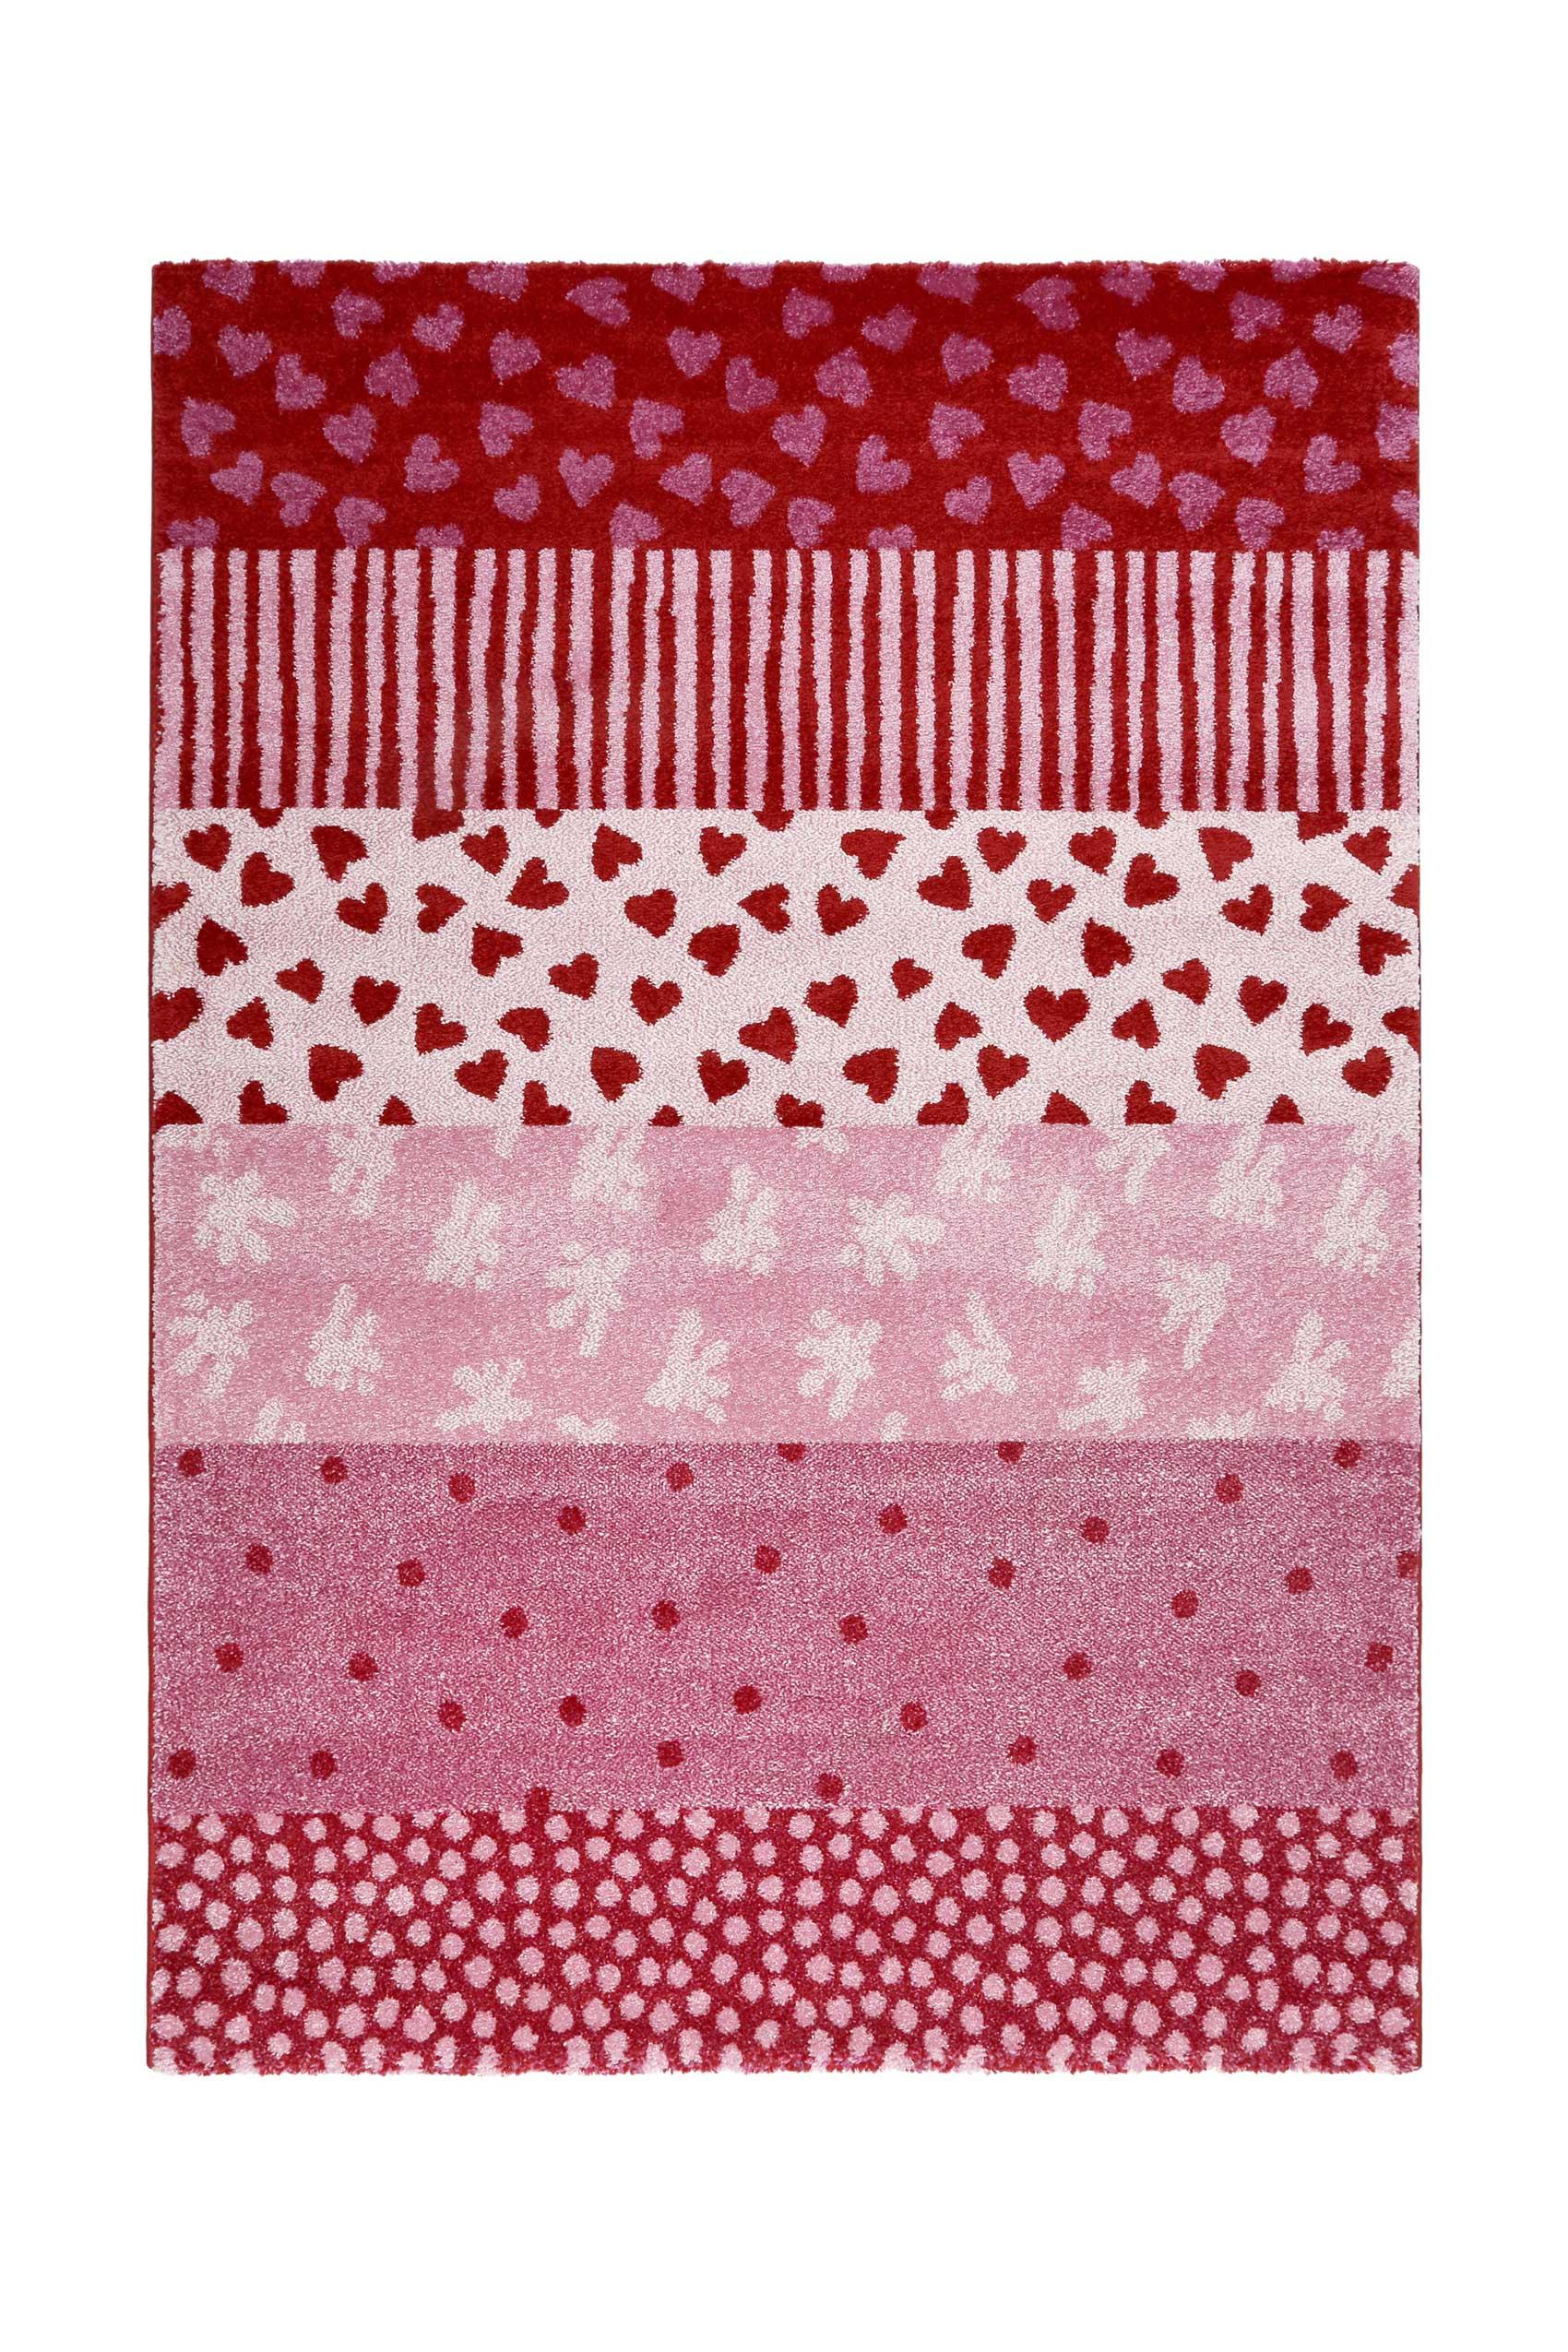 Tapis enfant motifs cœurs et pois alternés rose et rouge 200x290